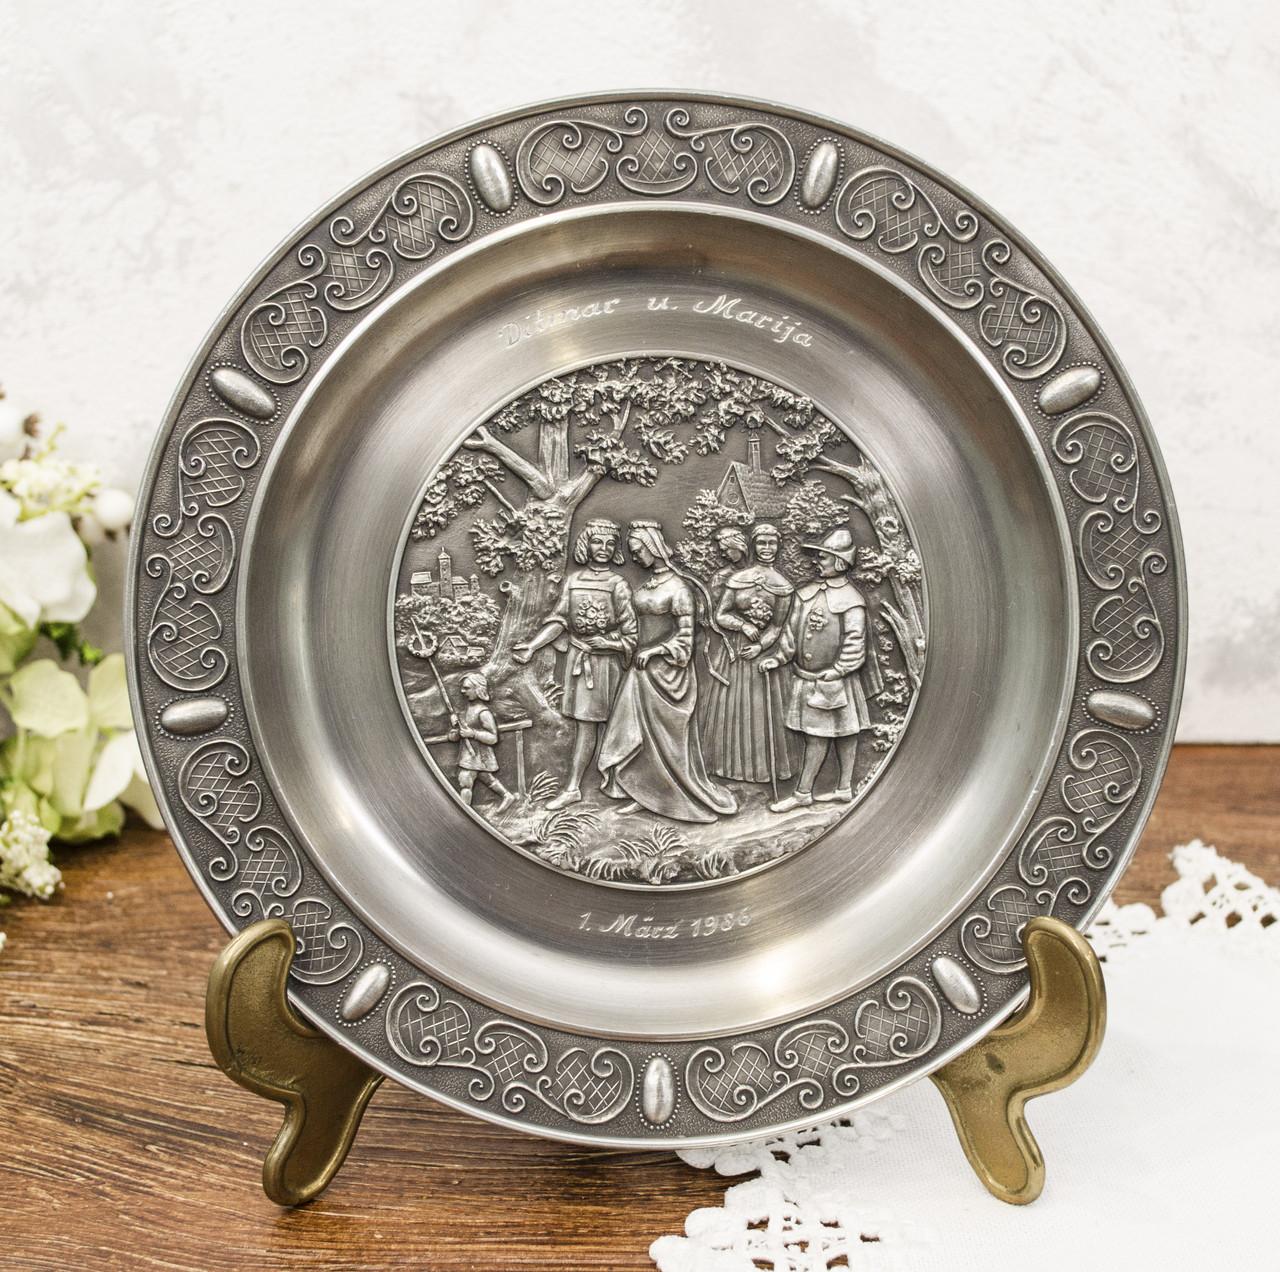 Оловянная настенная тарелка, пищевое олово, Германия, свадьба